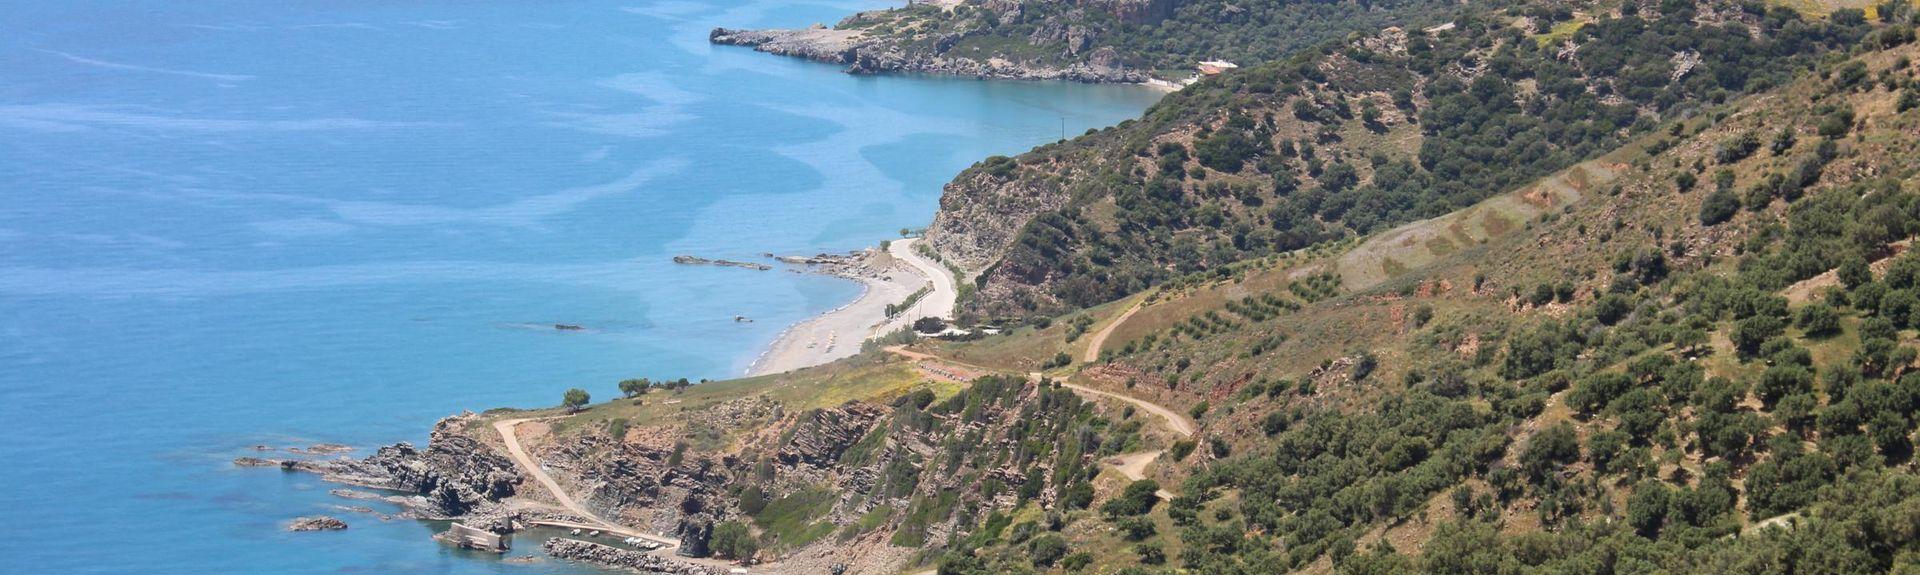 Frangokástellon, Sfakia, Kreta, Griekenland